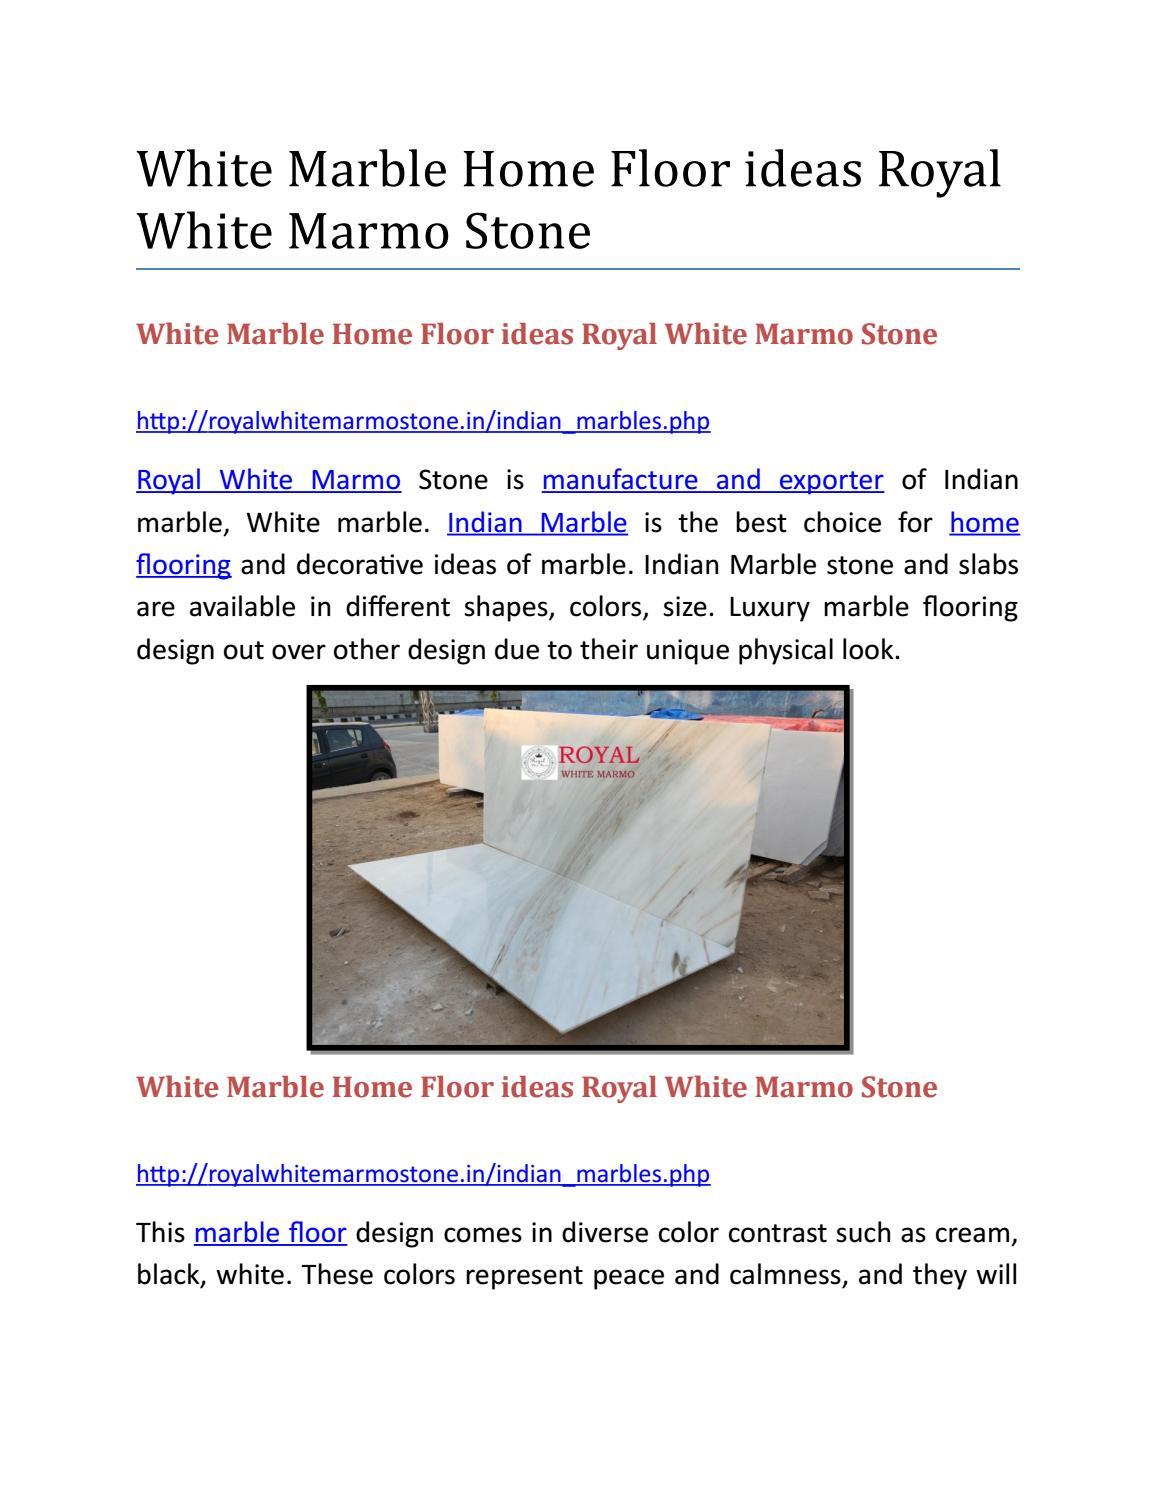 White Marble Home Floor ideas Royal White Marmo Stone by Nitika ...